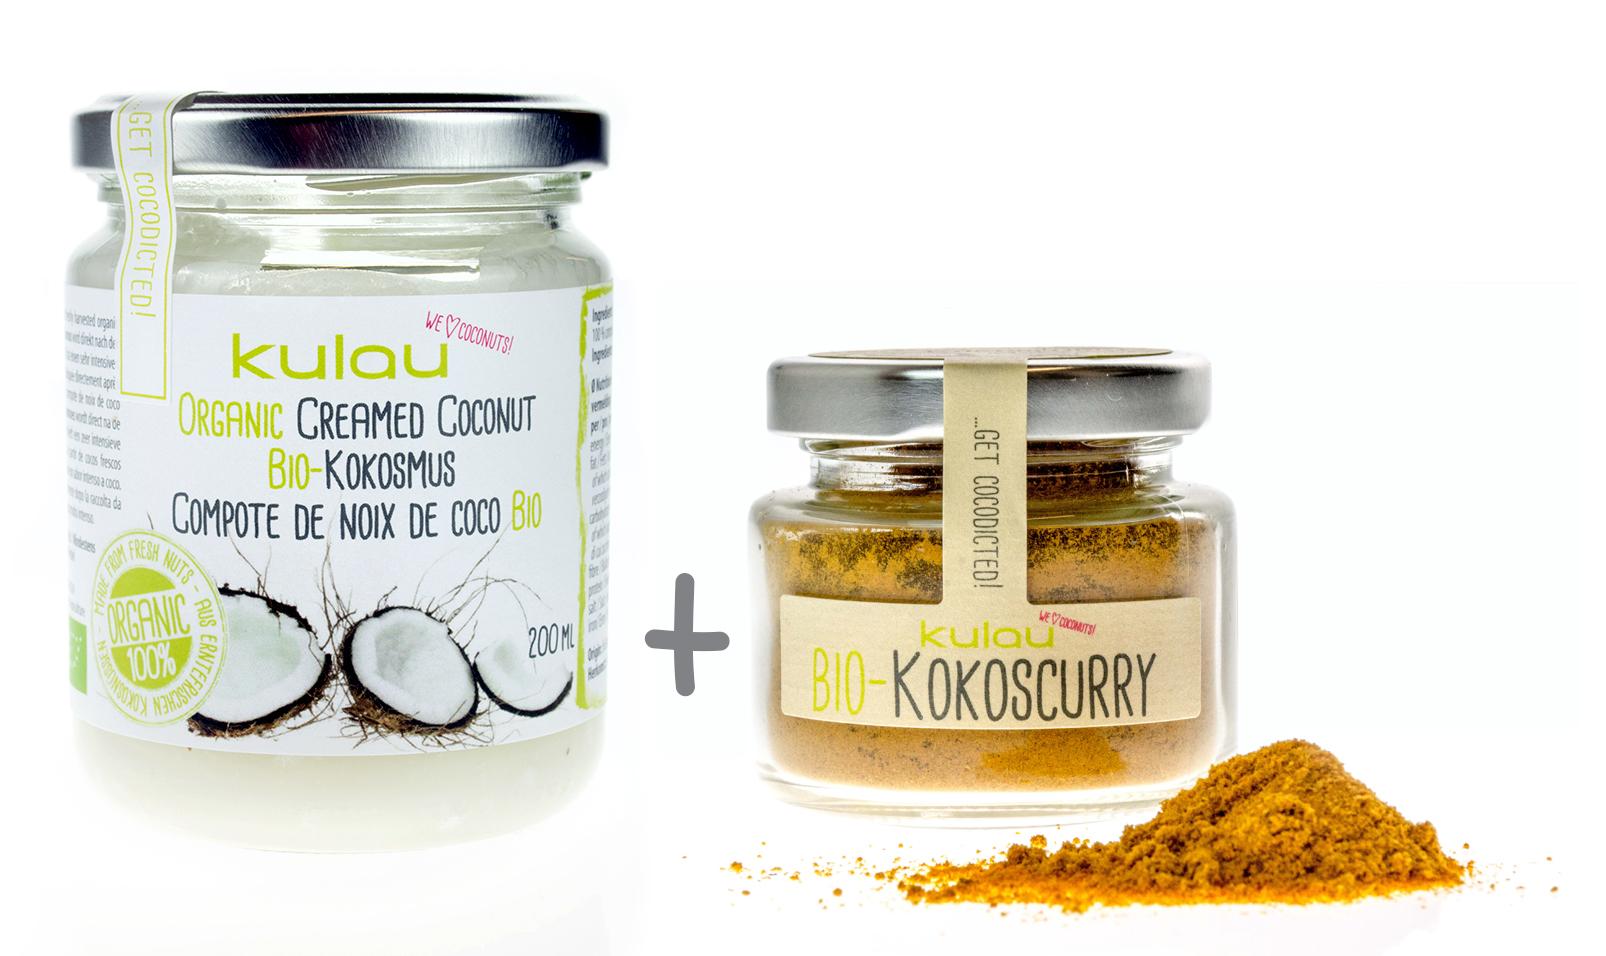 KULAU Kokos-Set | Bio-Kokosmus 200 ml + Bio-Kokoscurry 40 g  Special-Preis 10,80 €